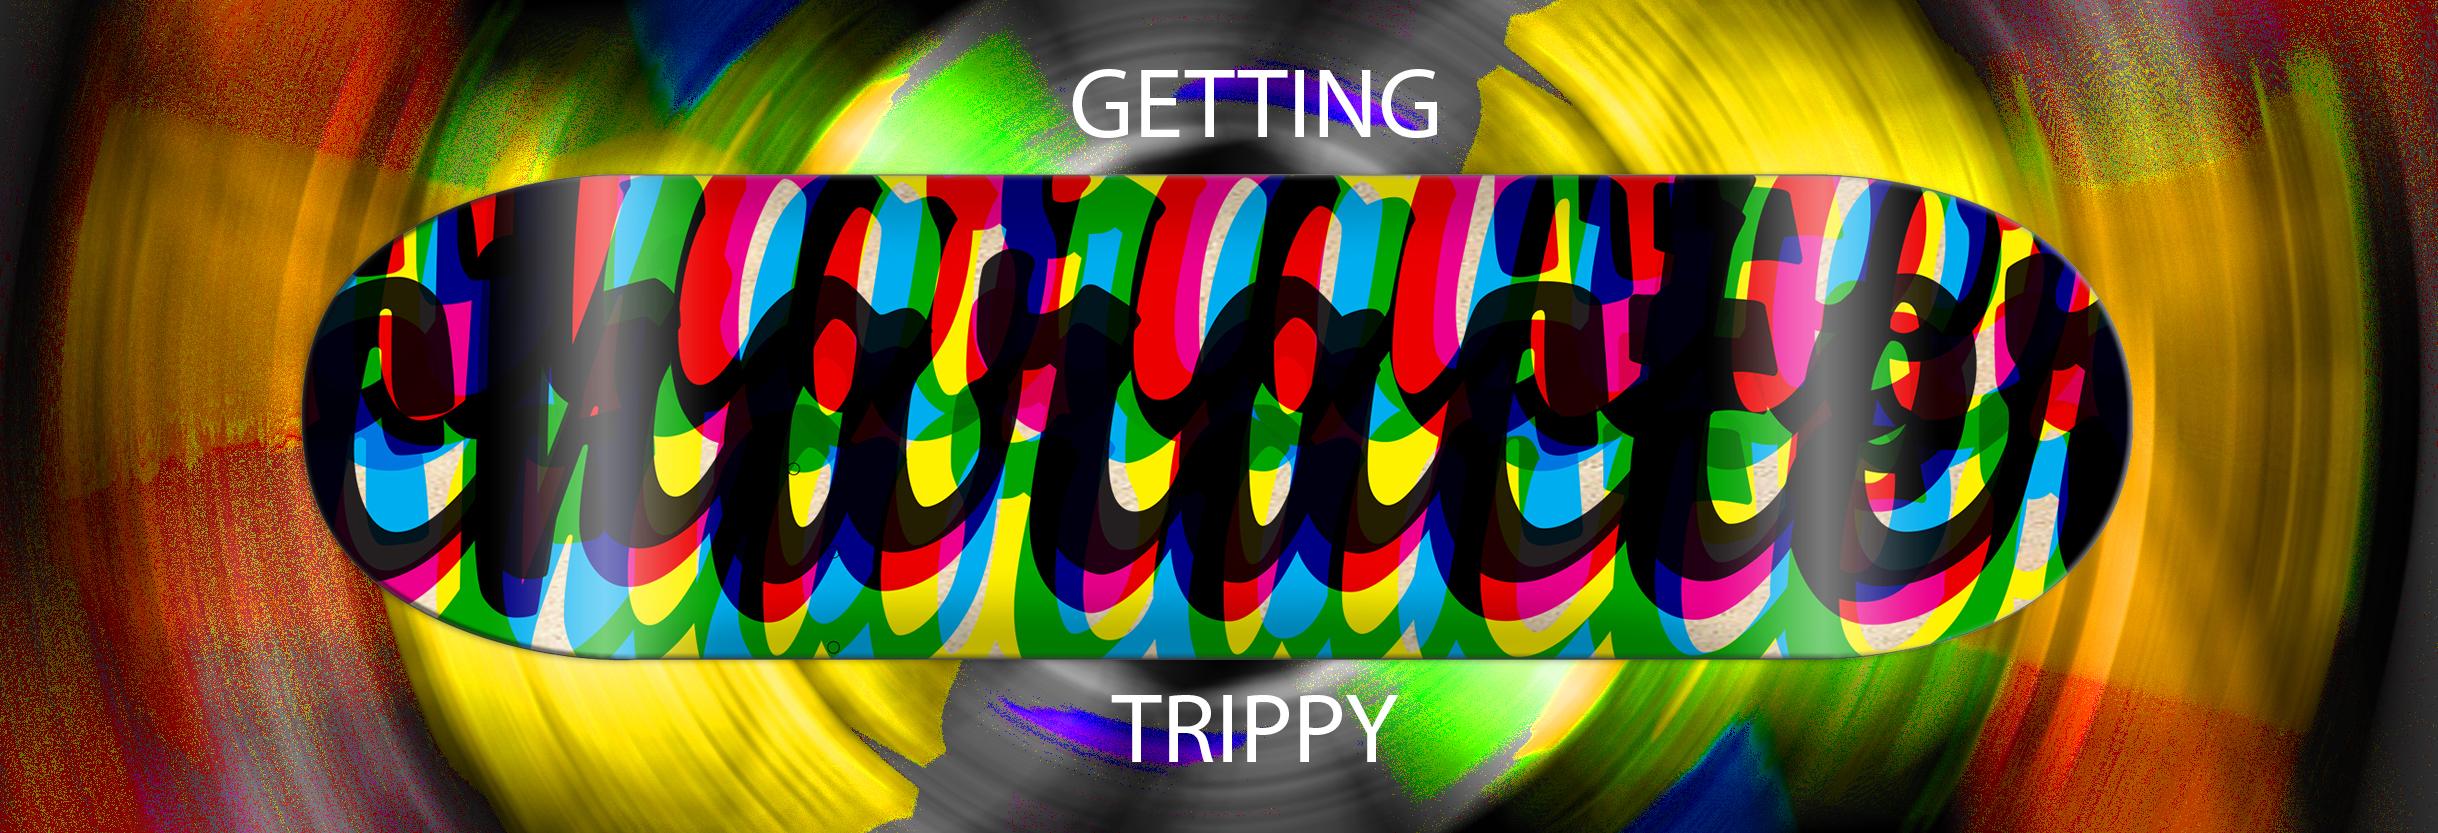 splash-trippy